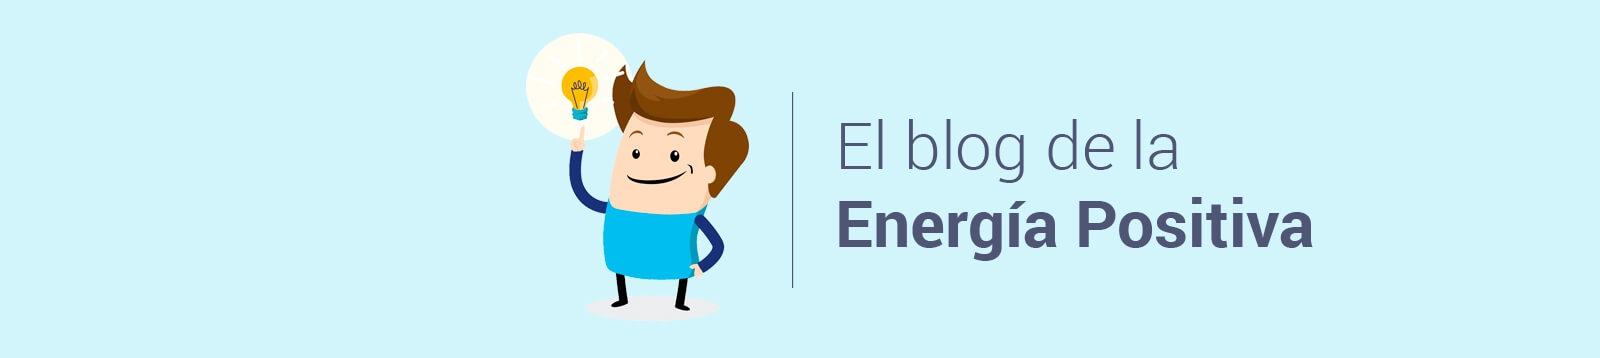 El blog de la Energ�a Positiva